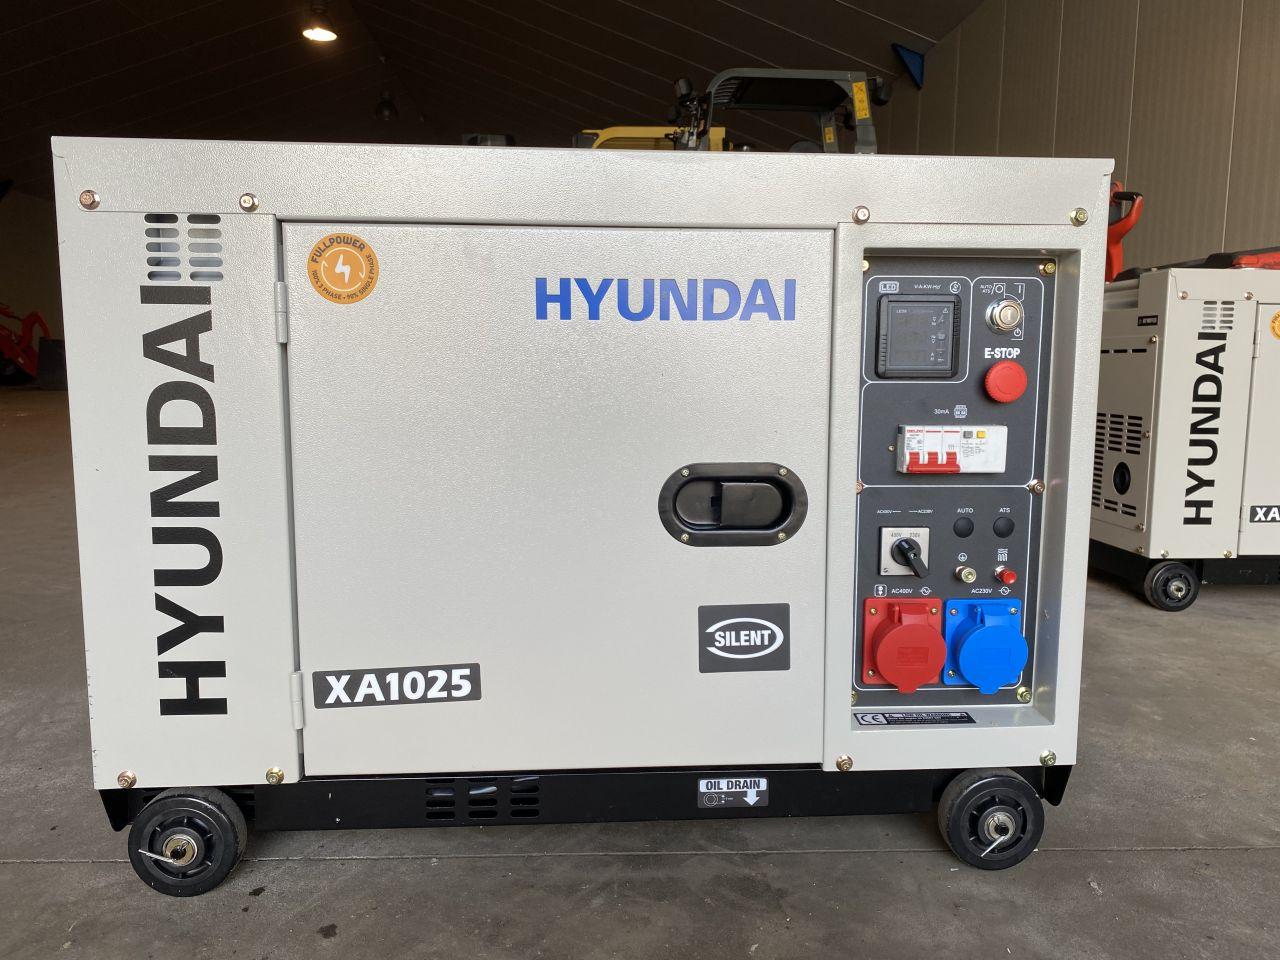 Hyundai XA1025